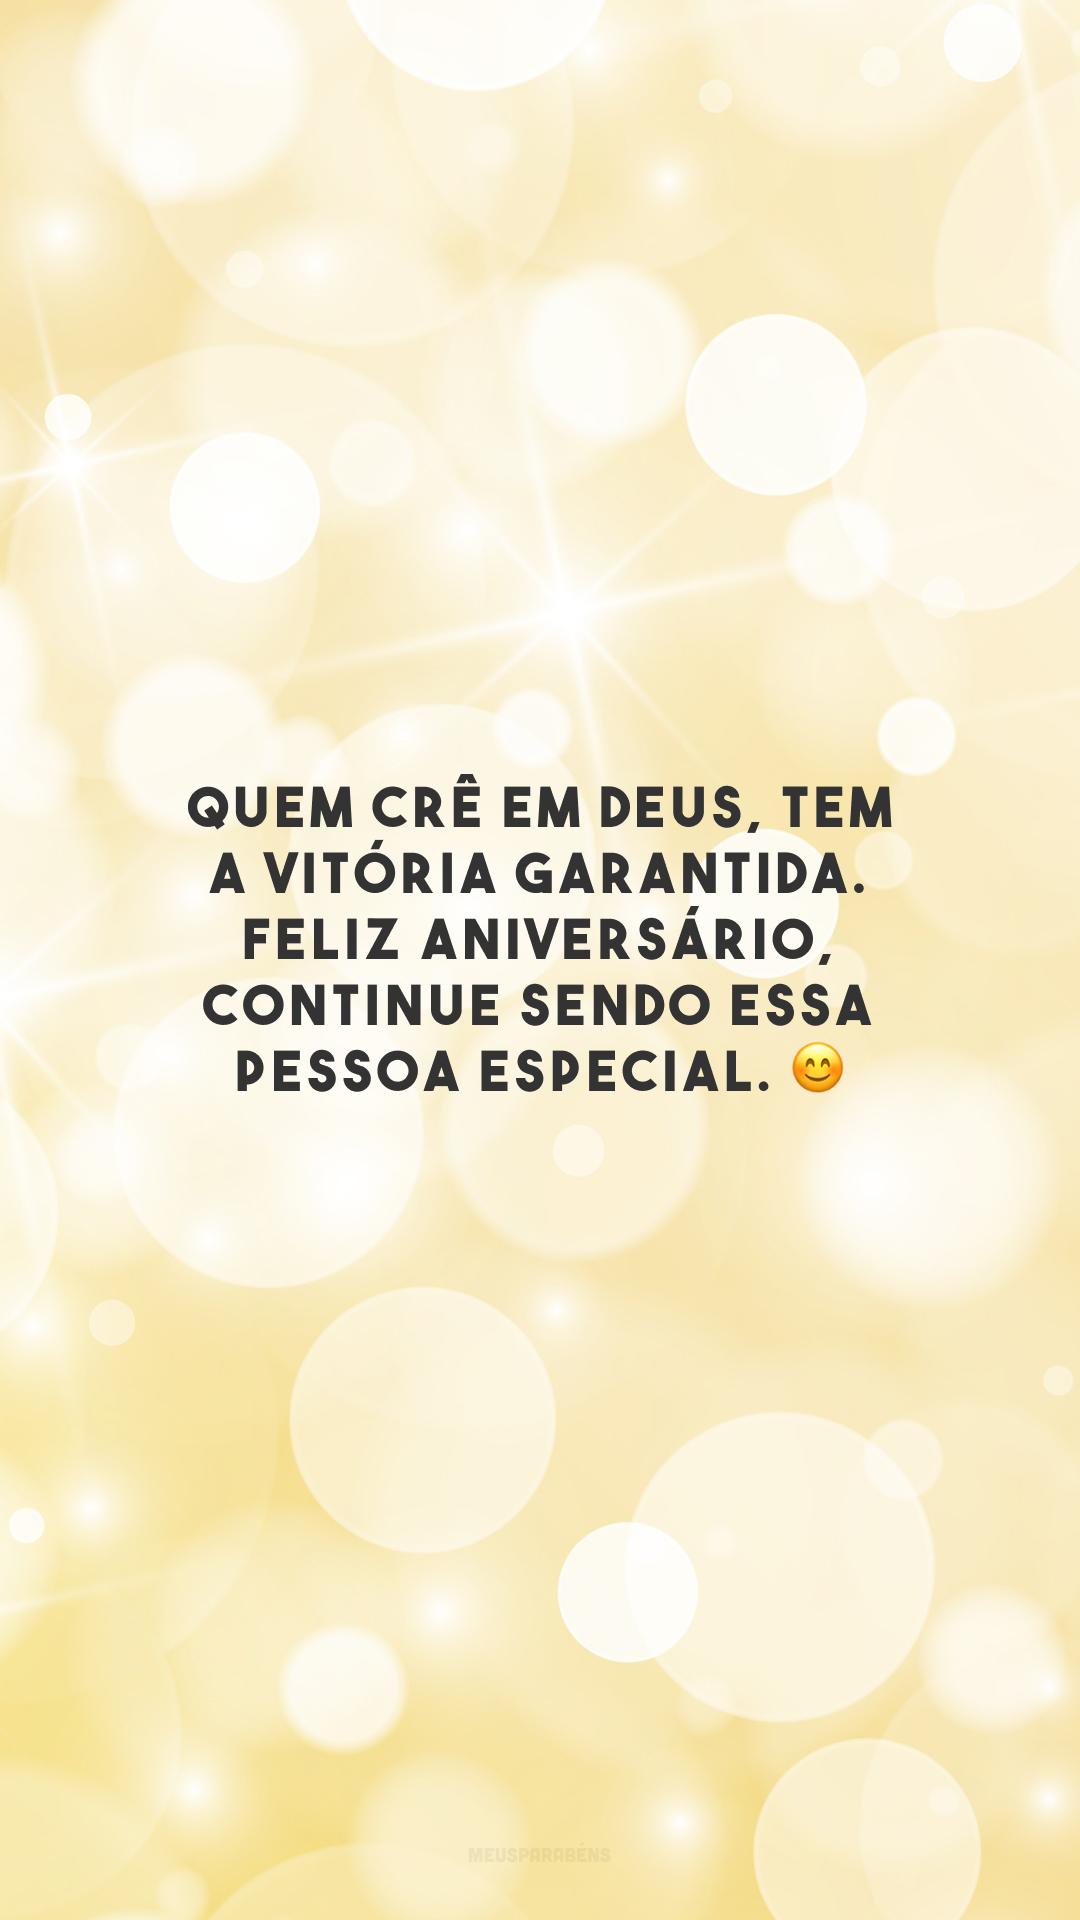 Quem crê em Deus, tem a vitória garantida. Feliz aniversário, continue sendo essa pessoa especial. 😊